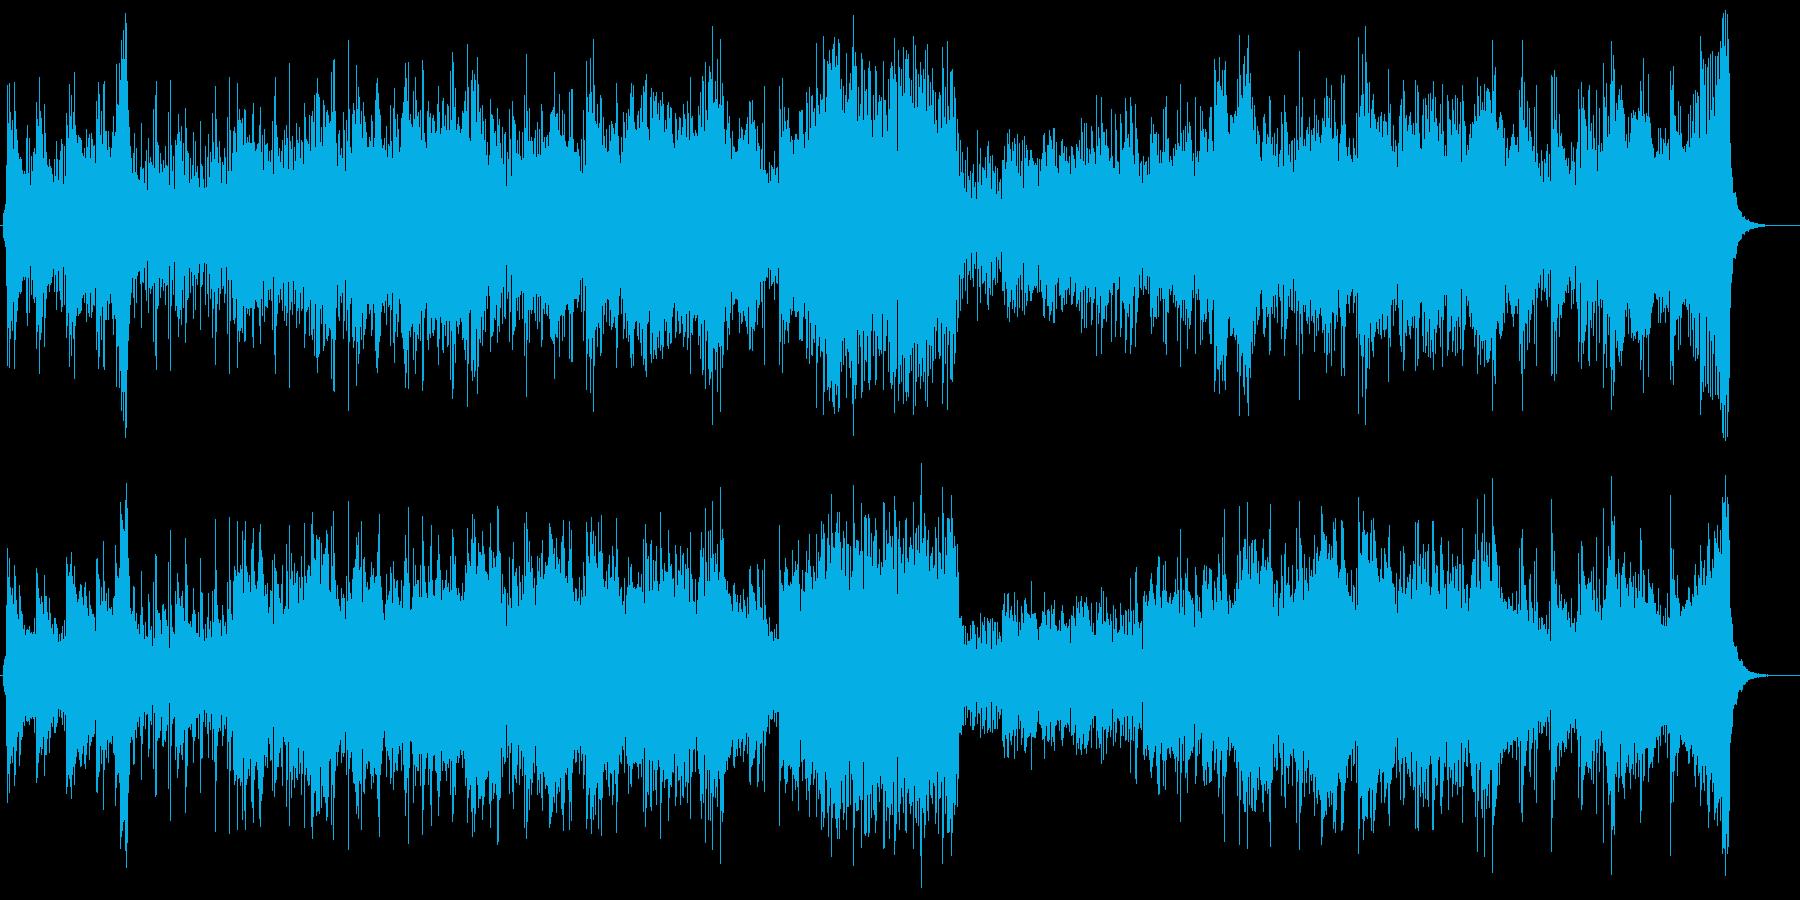 疾走感のあるファンタジー系オーケストラの再生済みの波形